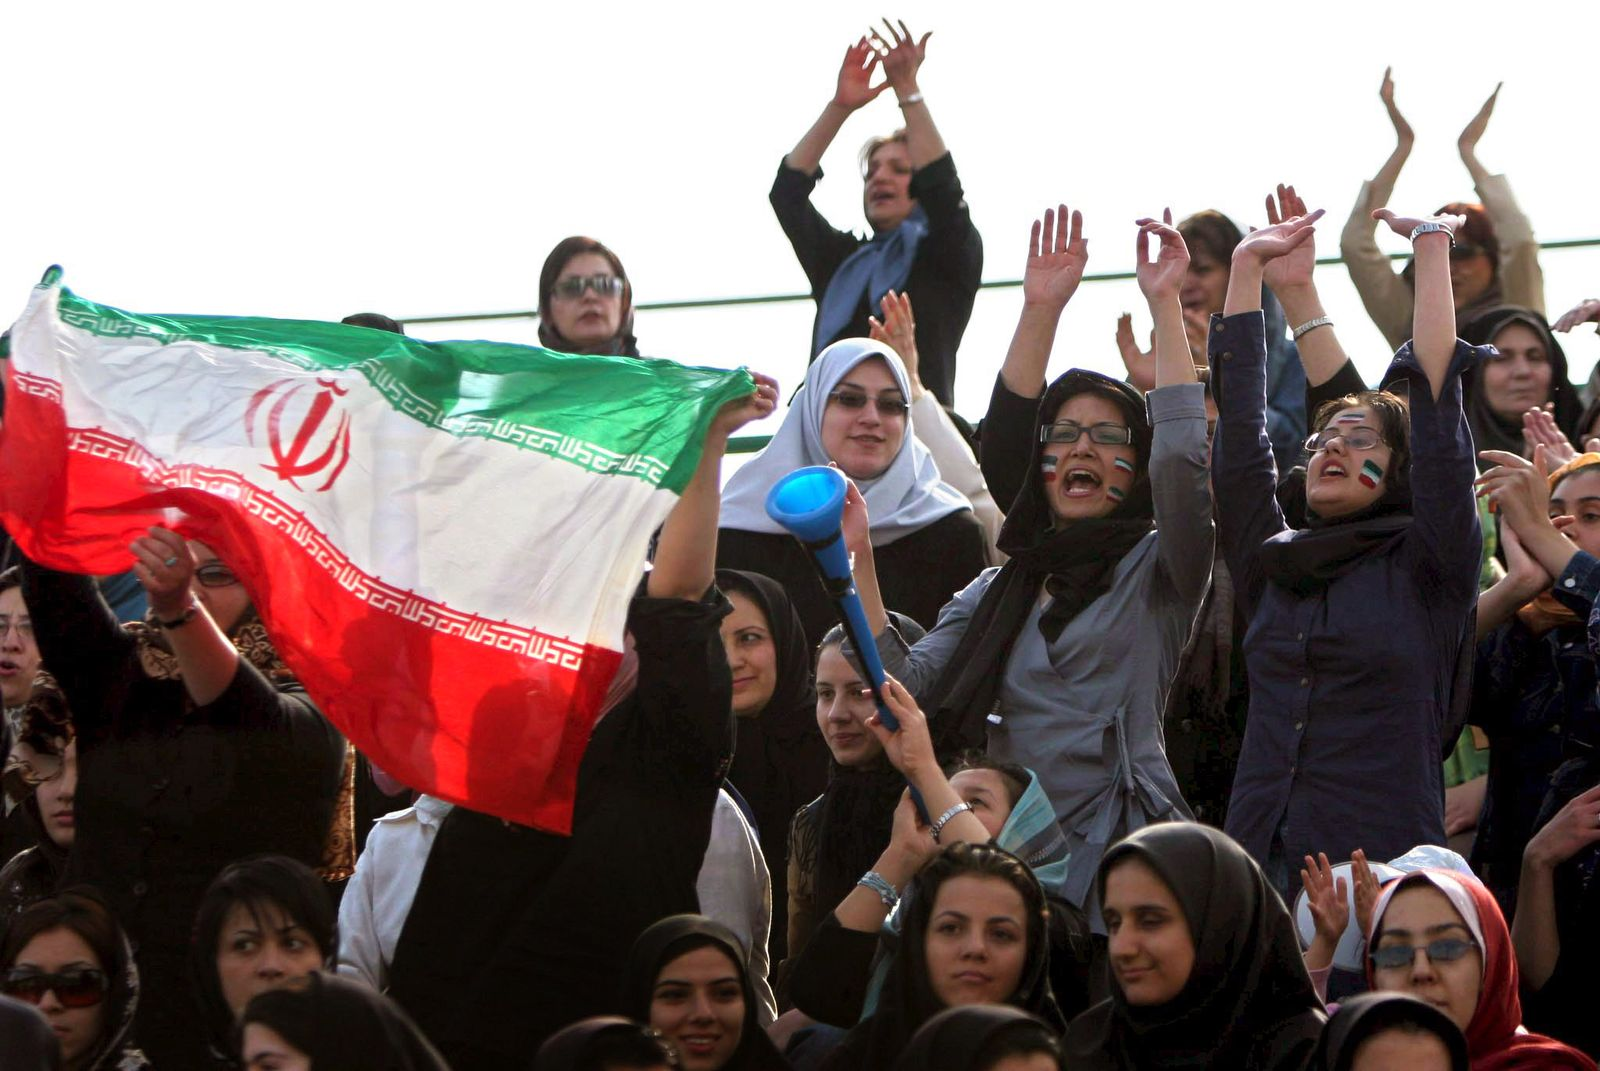 Männer-Fußball im Iran wieder ohne Zuschauerinnen